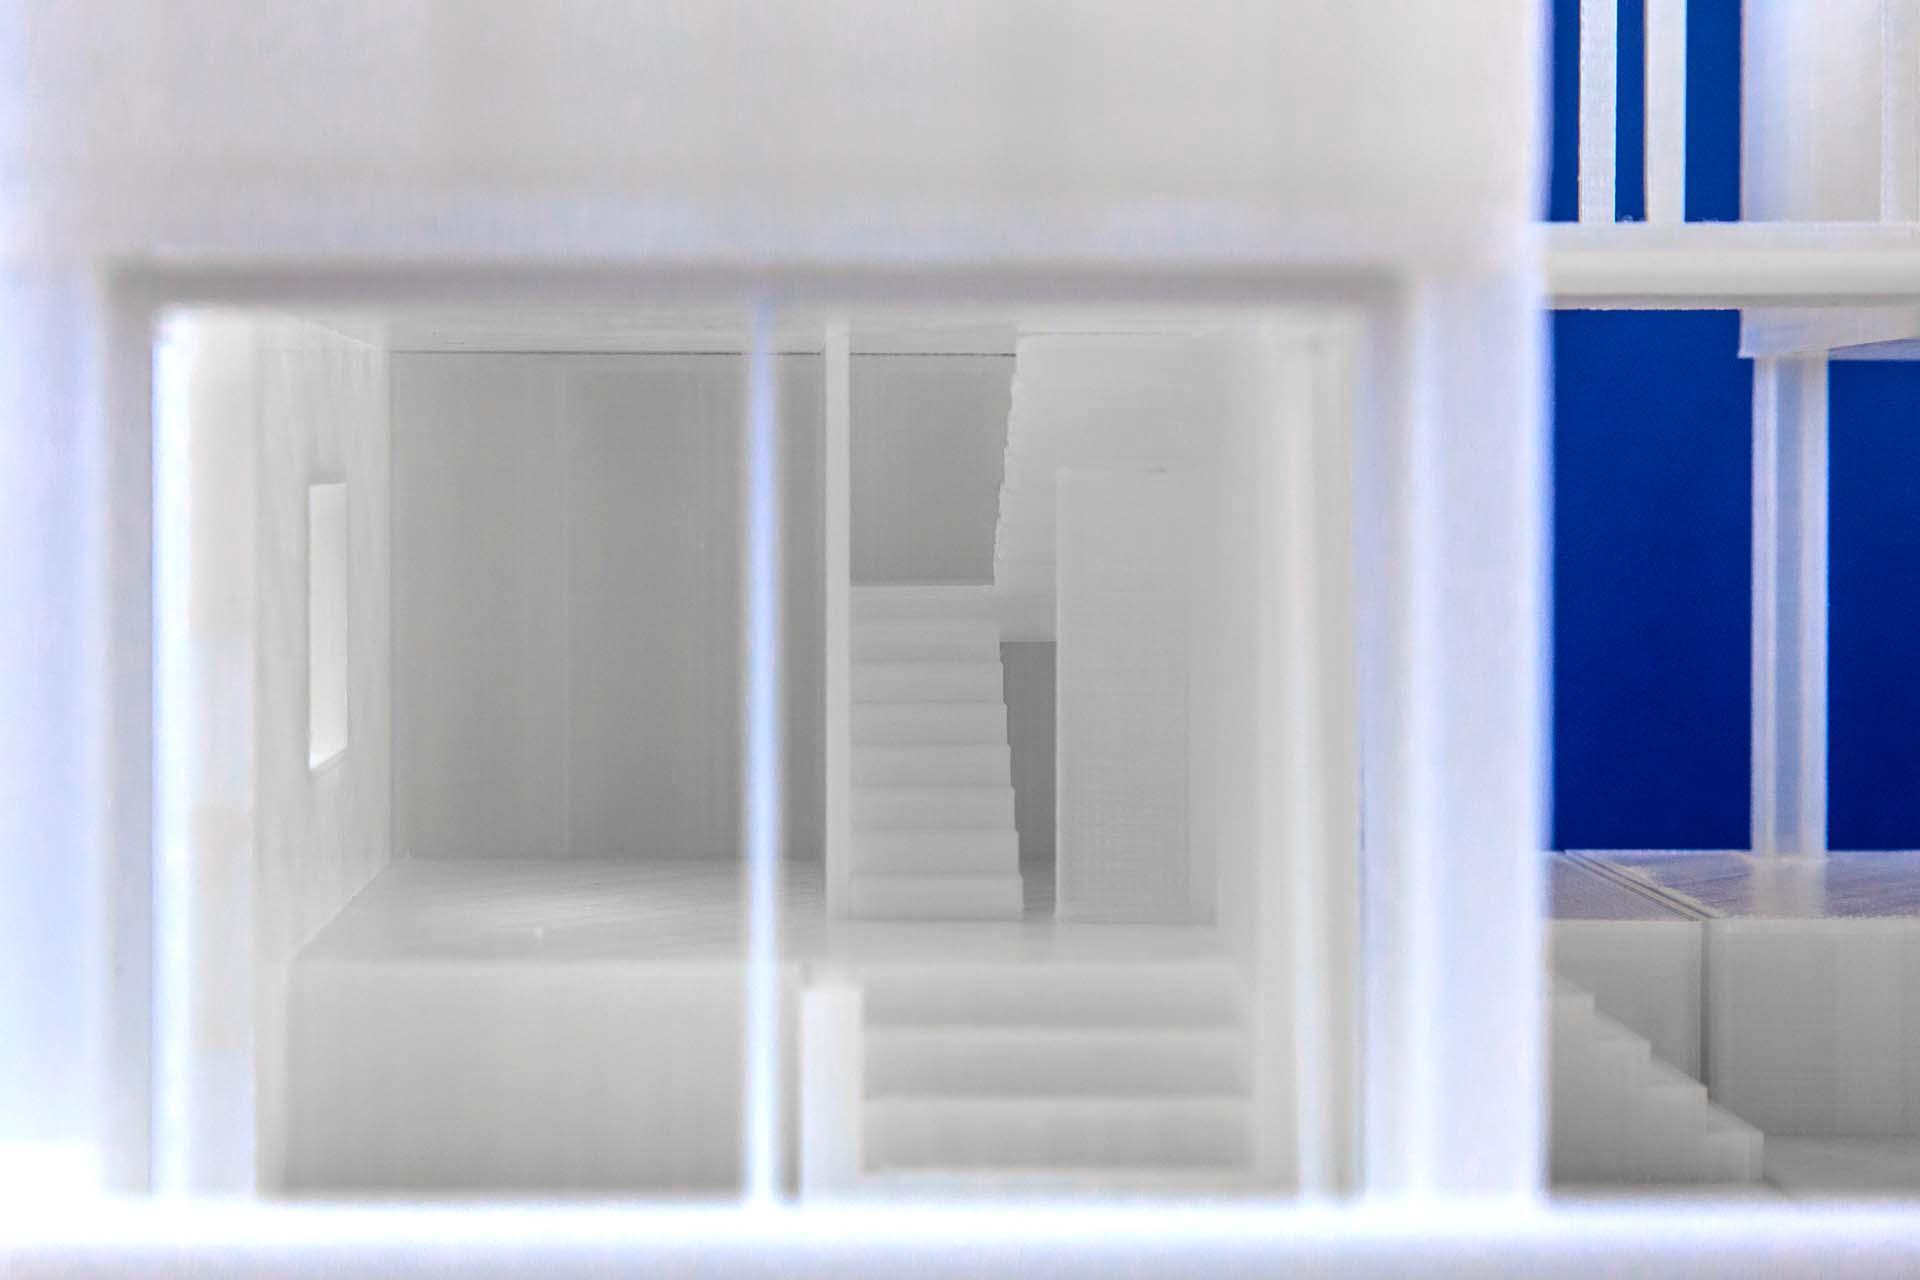 Stampa 3D modello di architettura